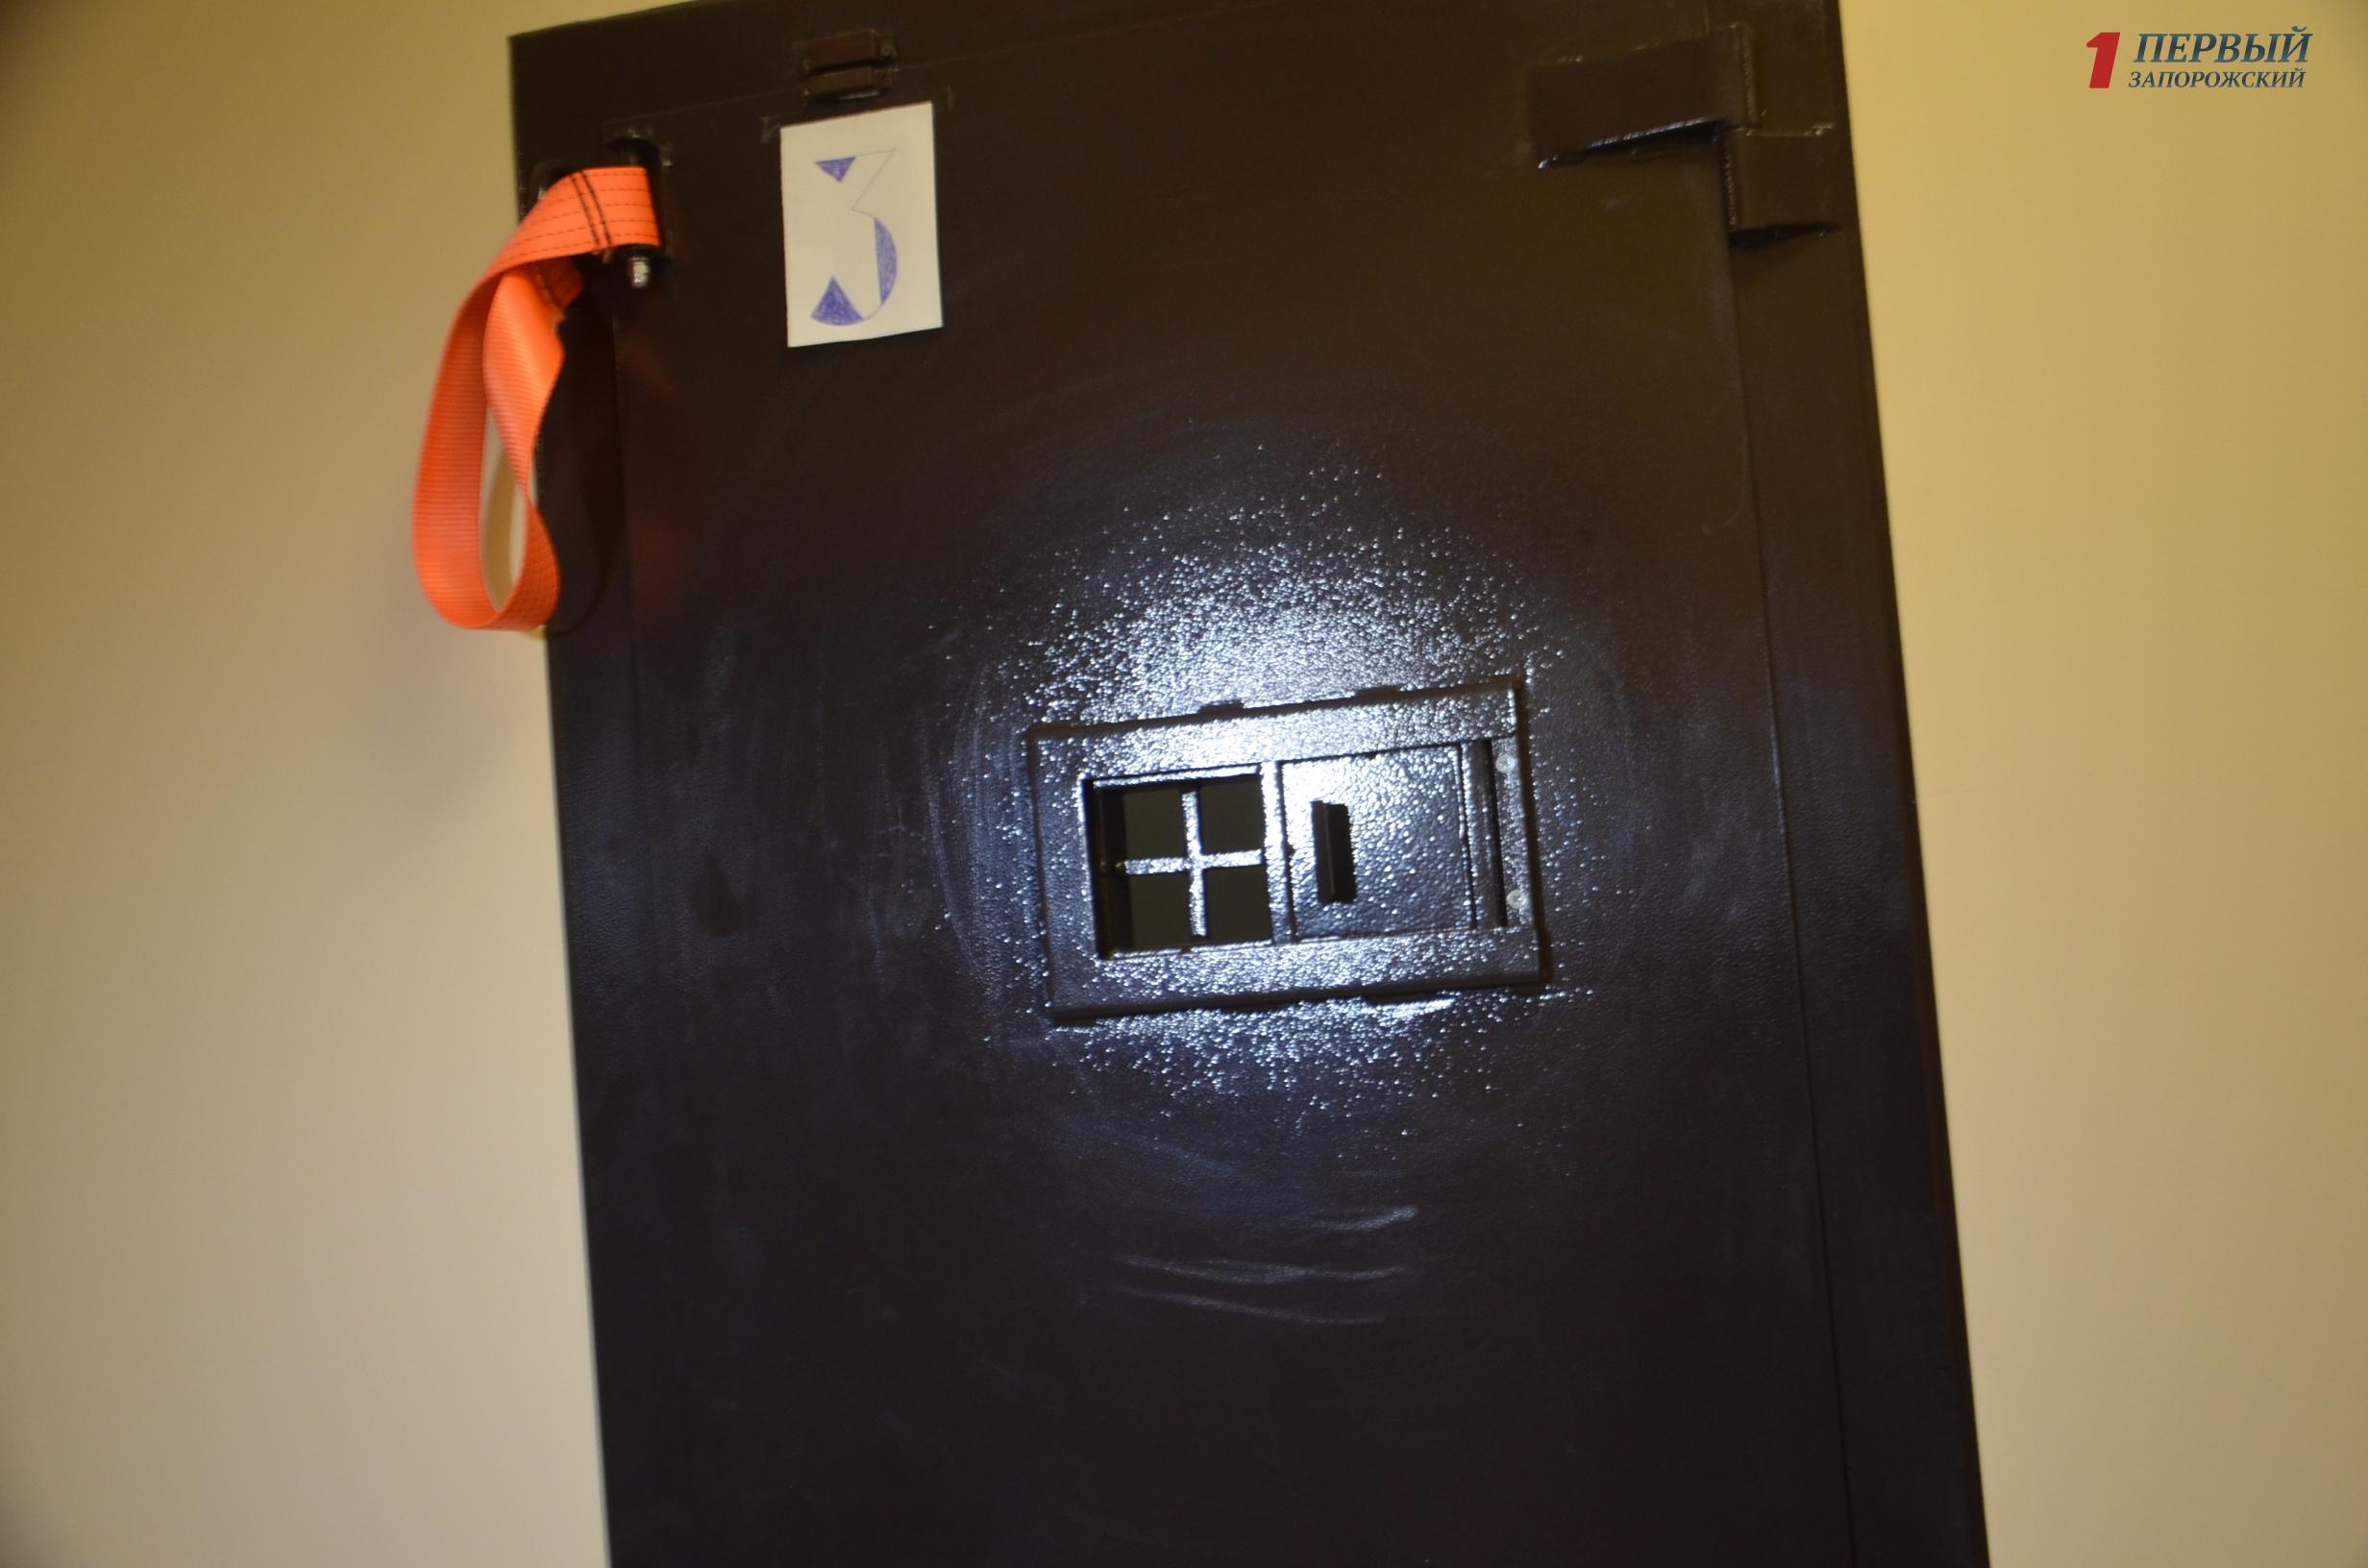 В Запорожье обвиняемый в краже и грабеже наложил на себя руки в здании суда